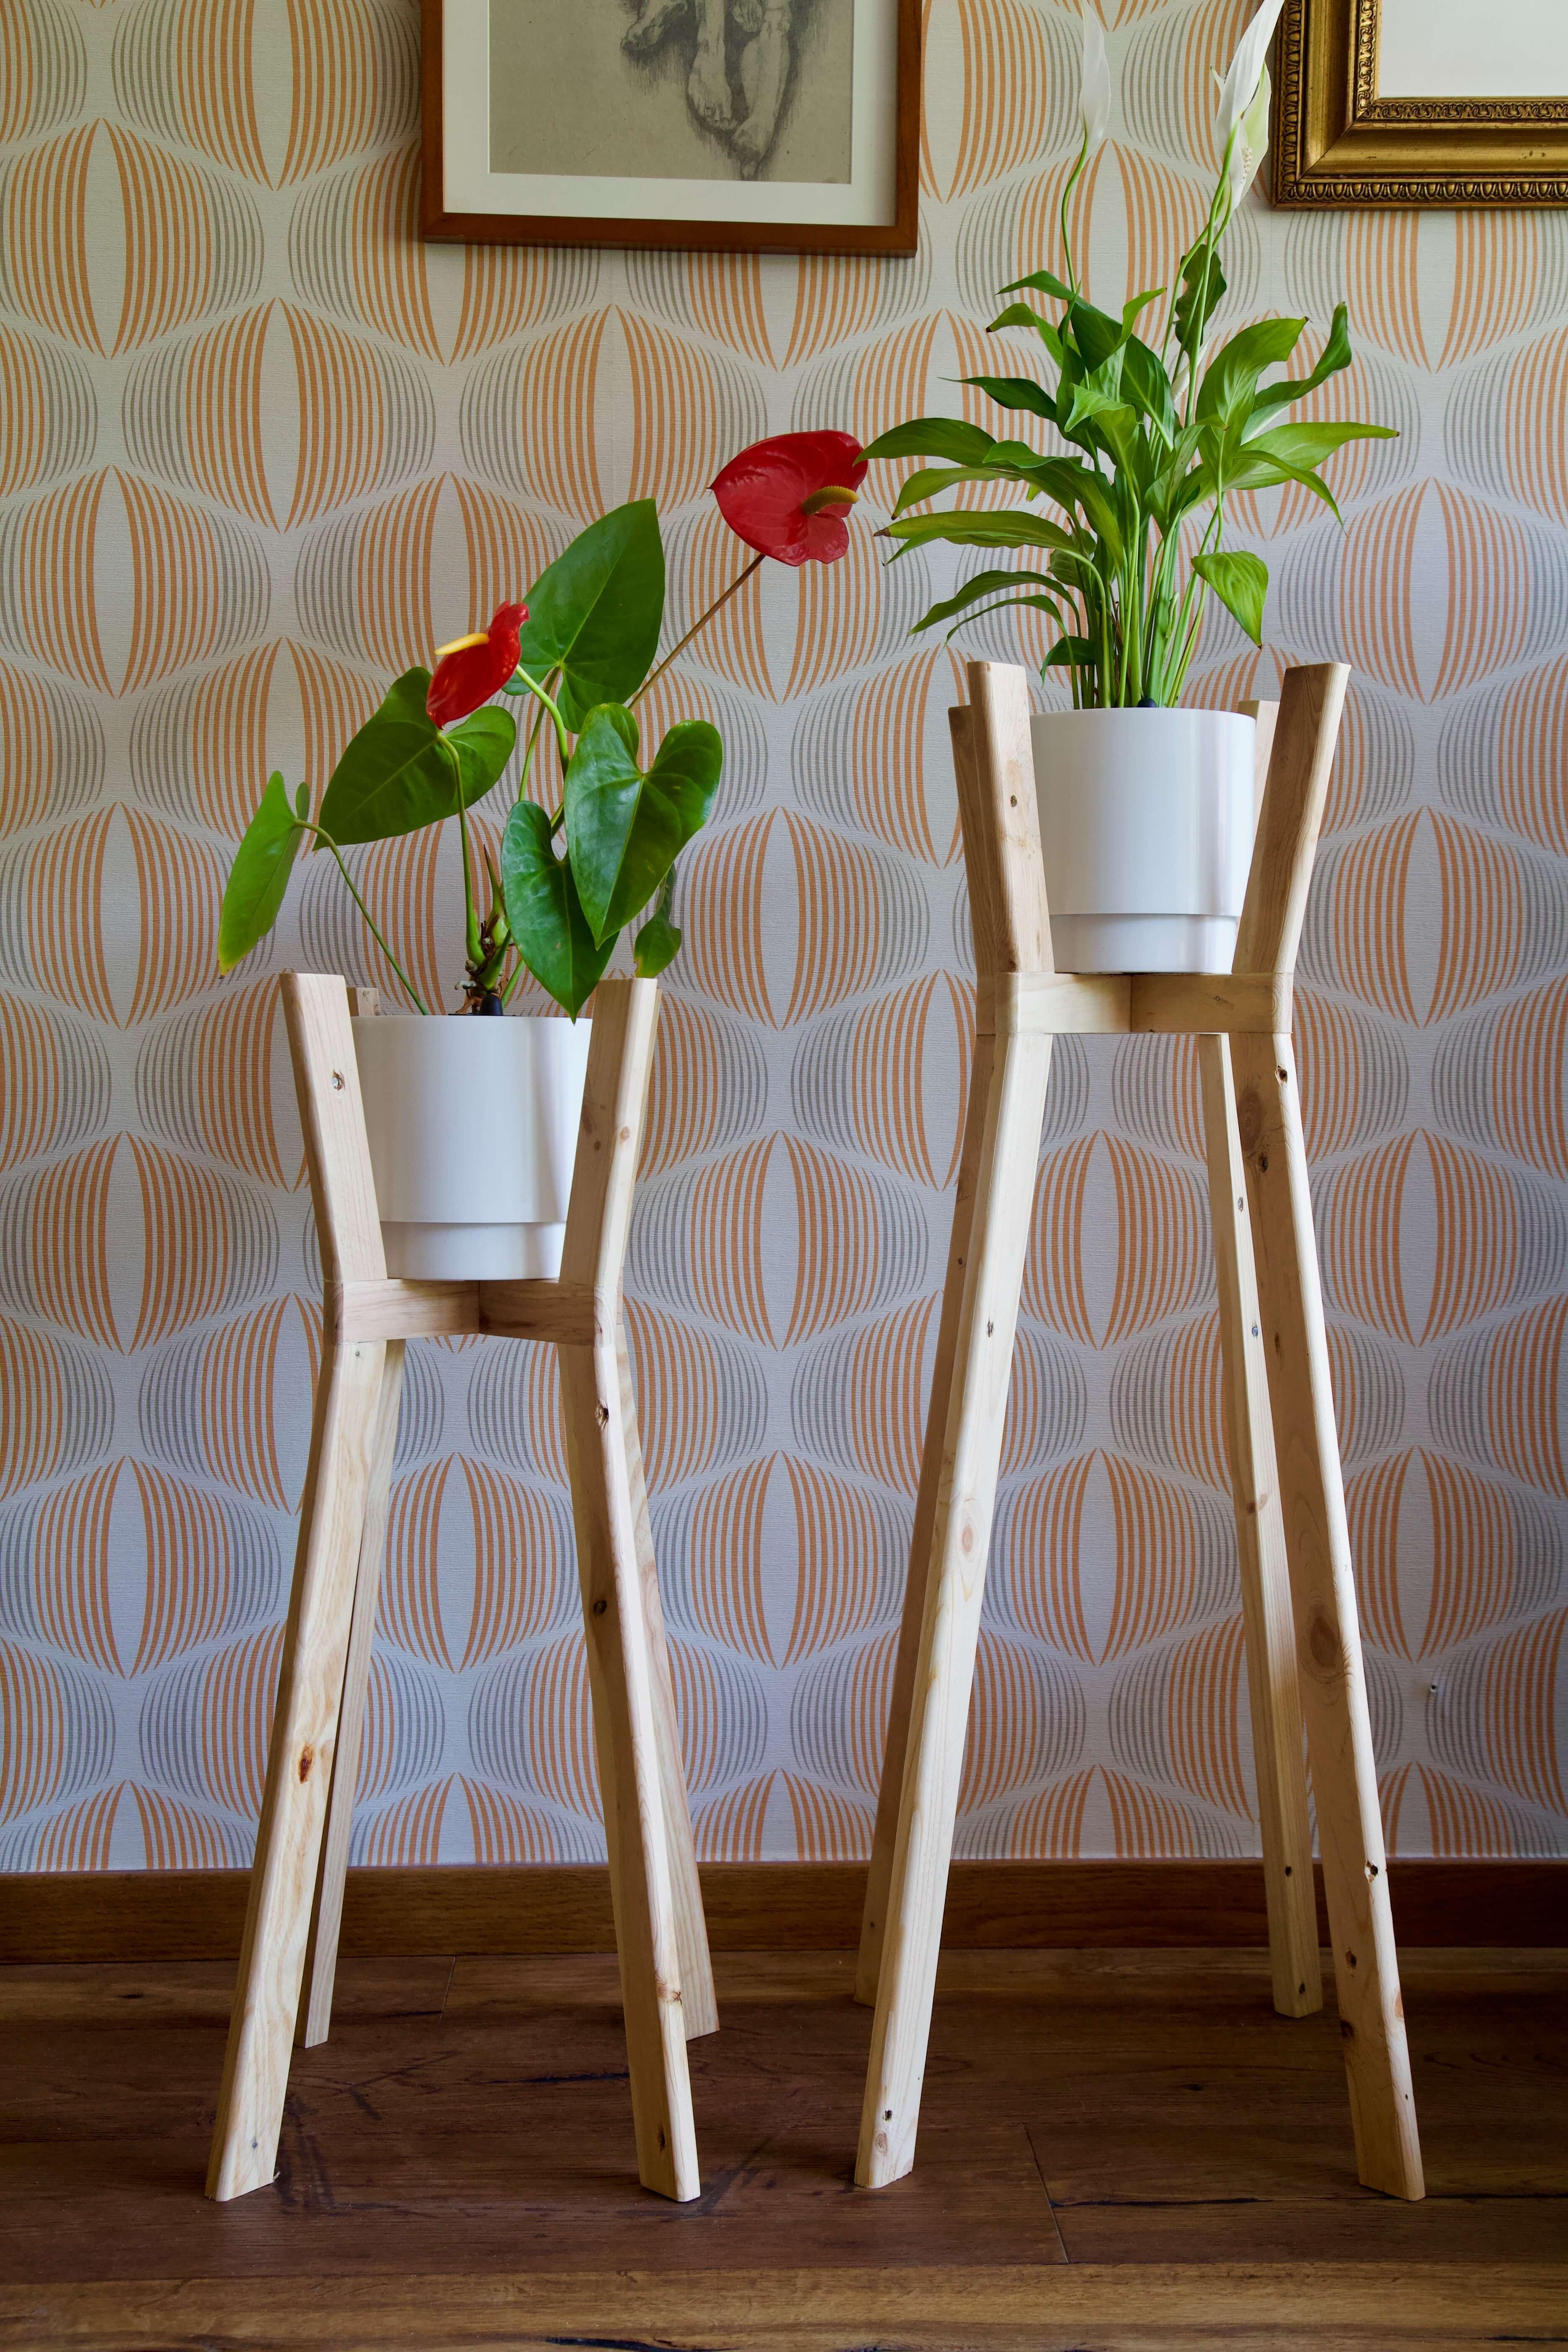 Foto completa de los dos maceteros con ángulo hechos con madera de palet